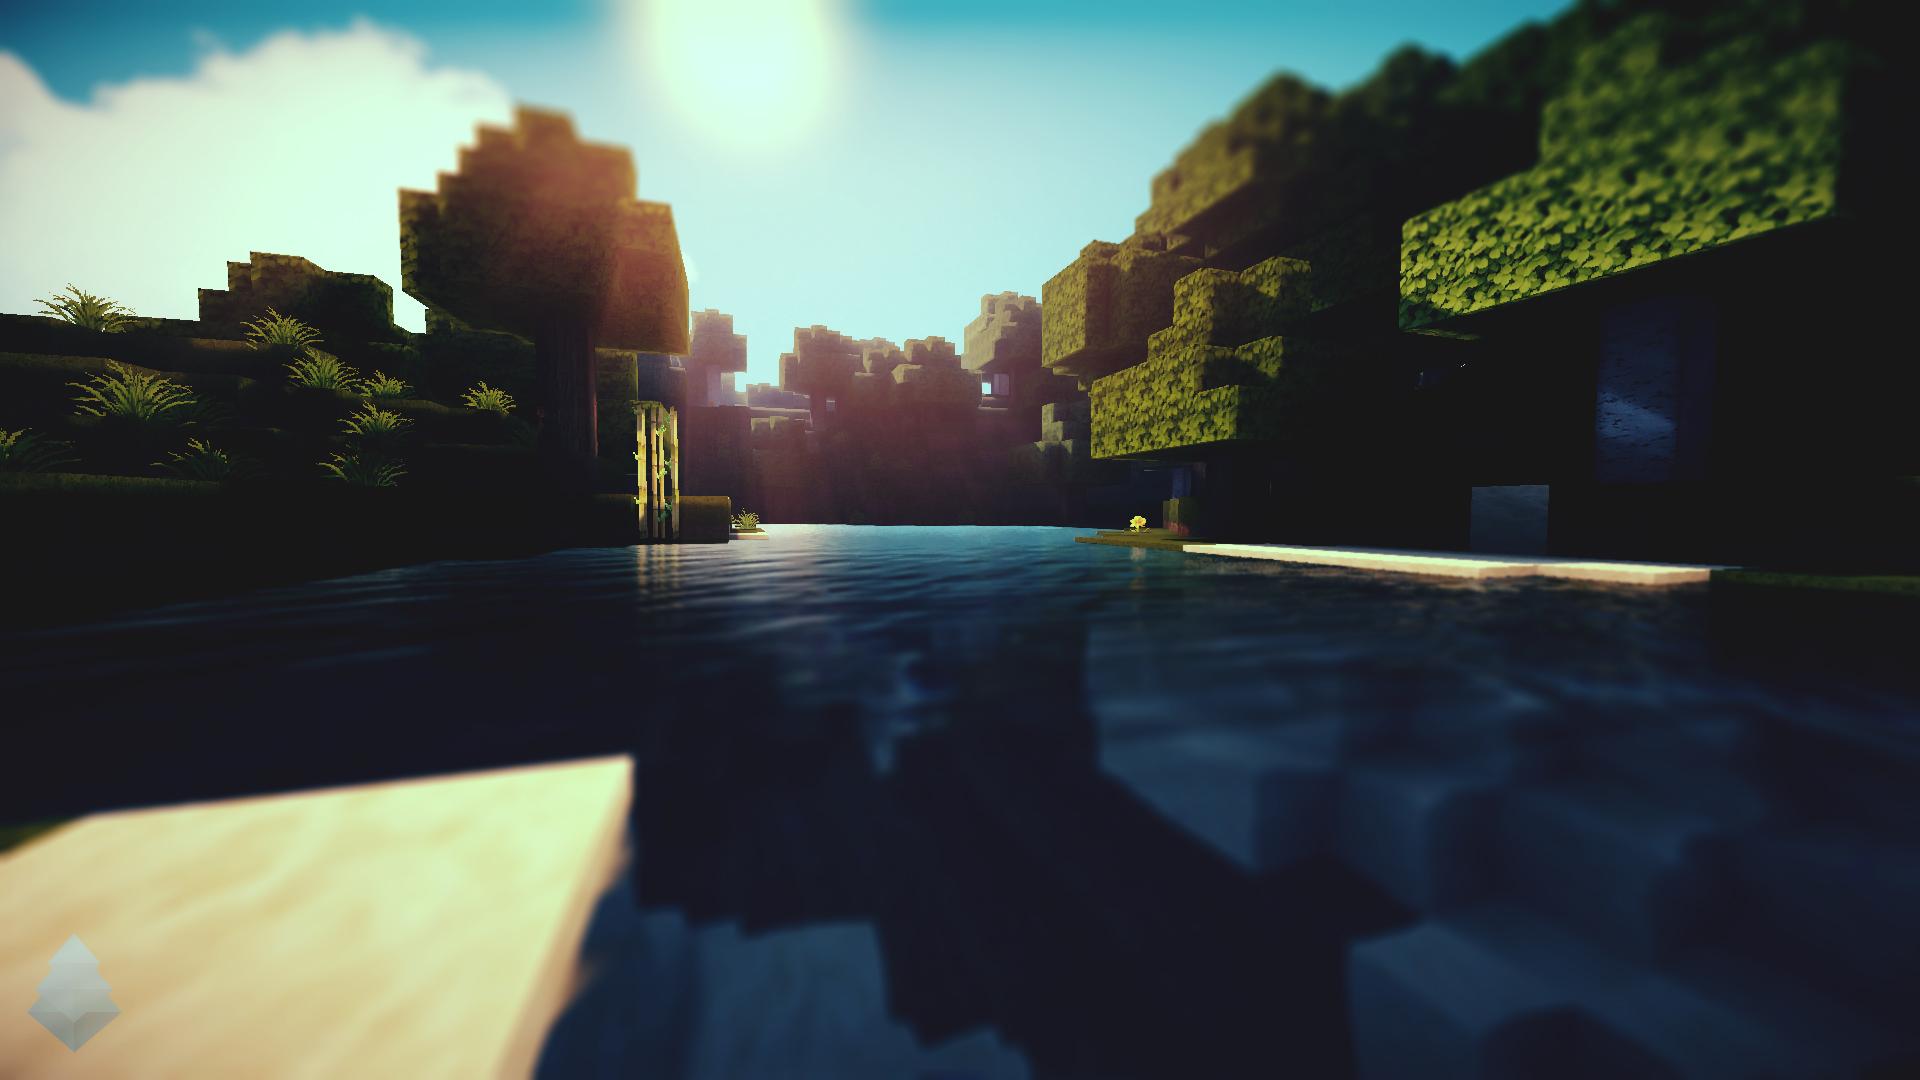 Minecraft Waterlight Wallpaper by lpzdesign 1920x1080